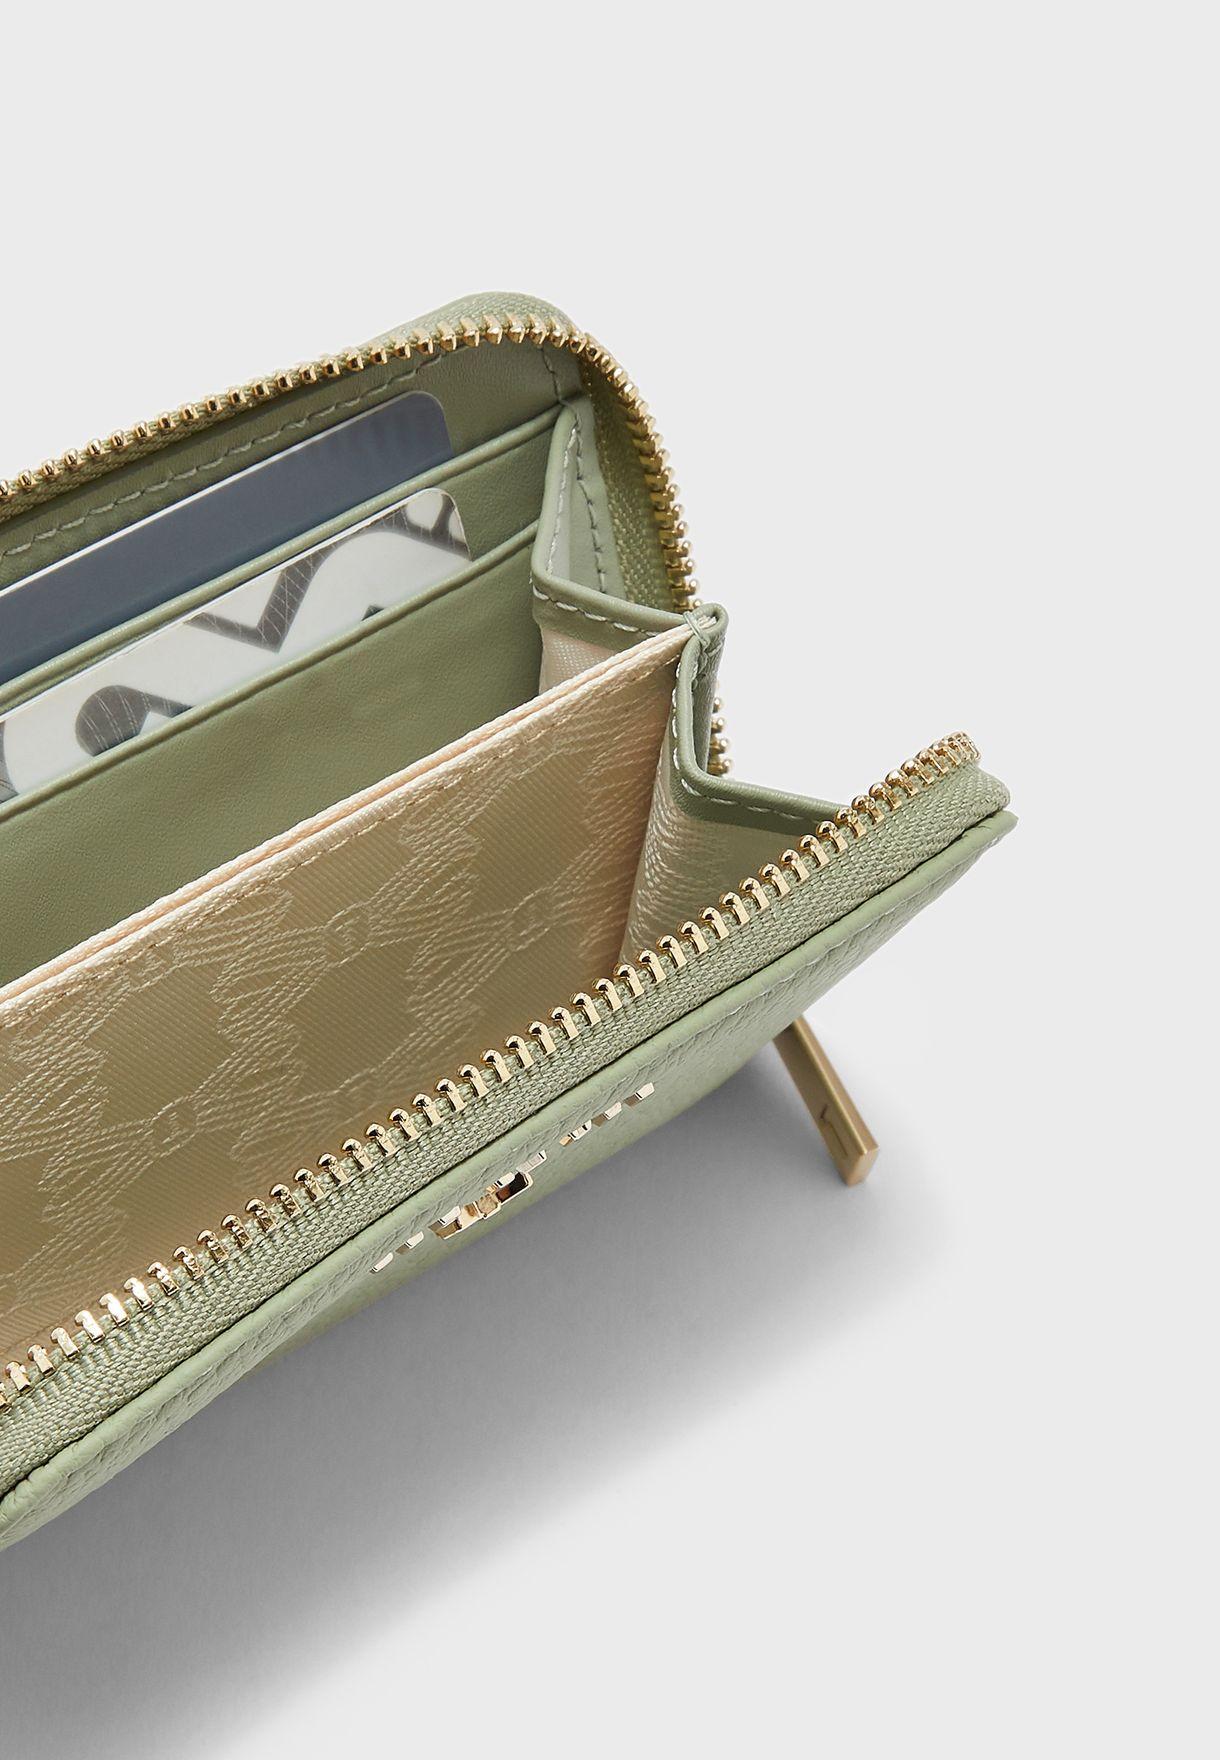 حافظة بطاقات مزينة بفيونكة